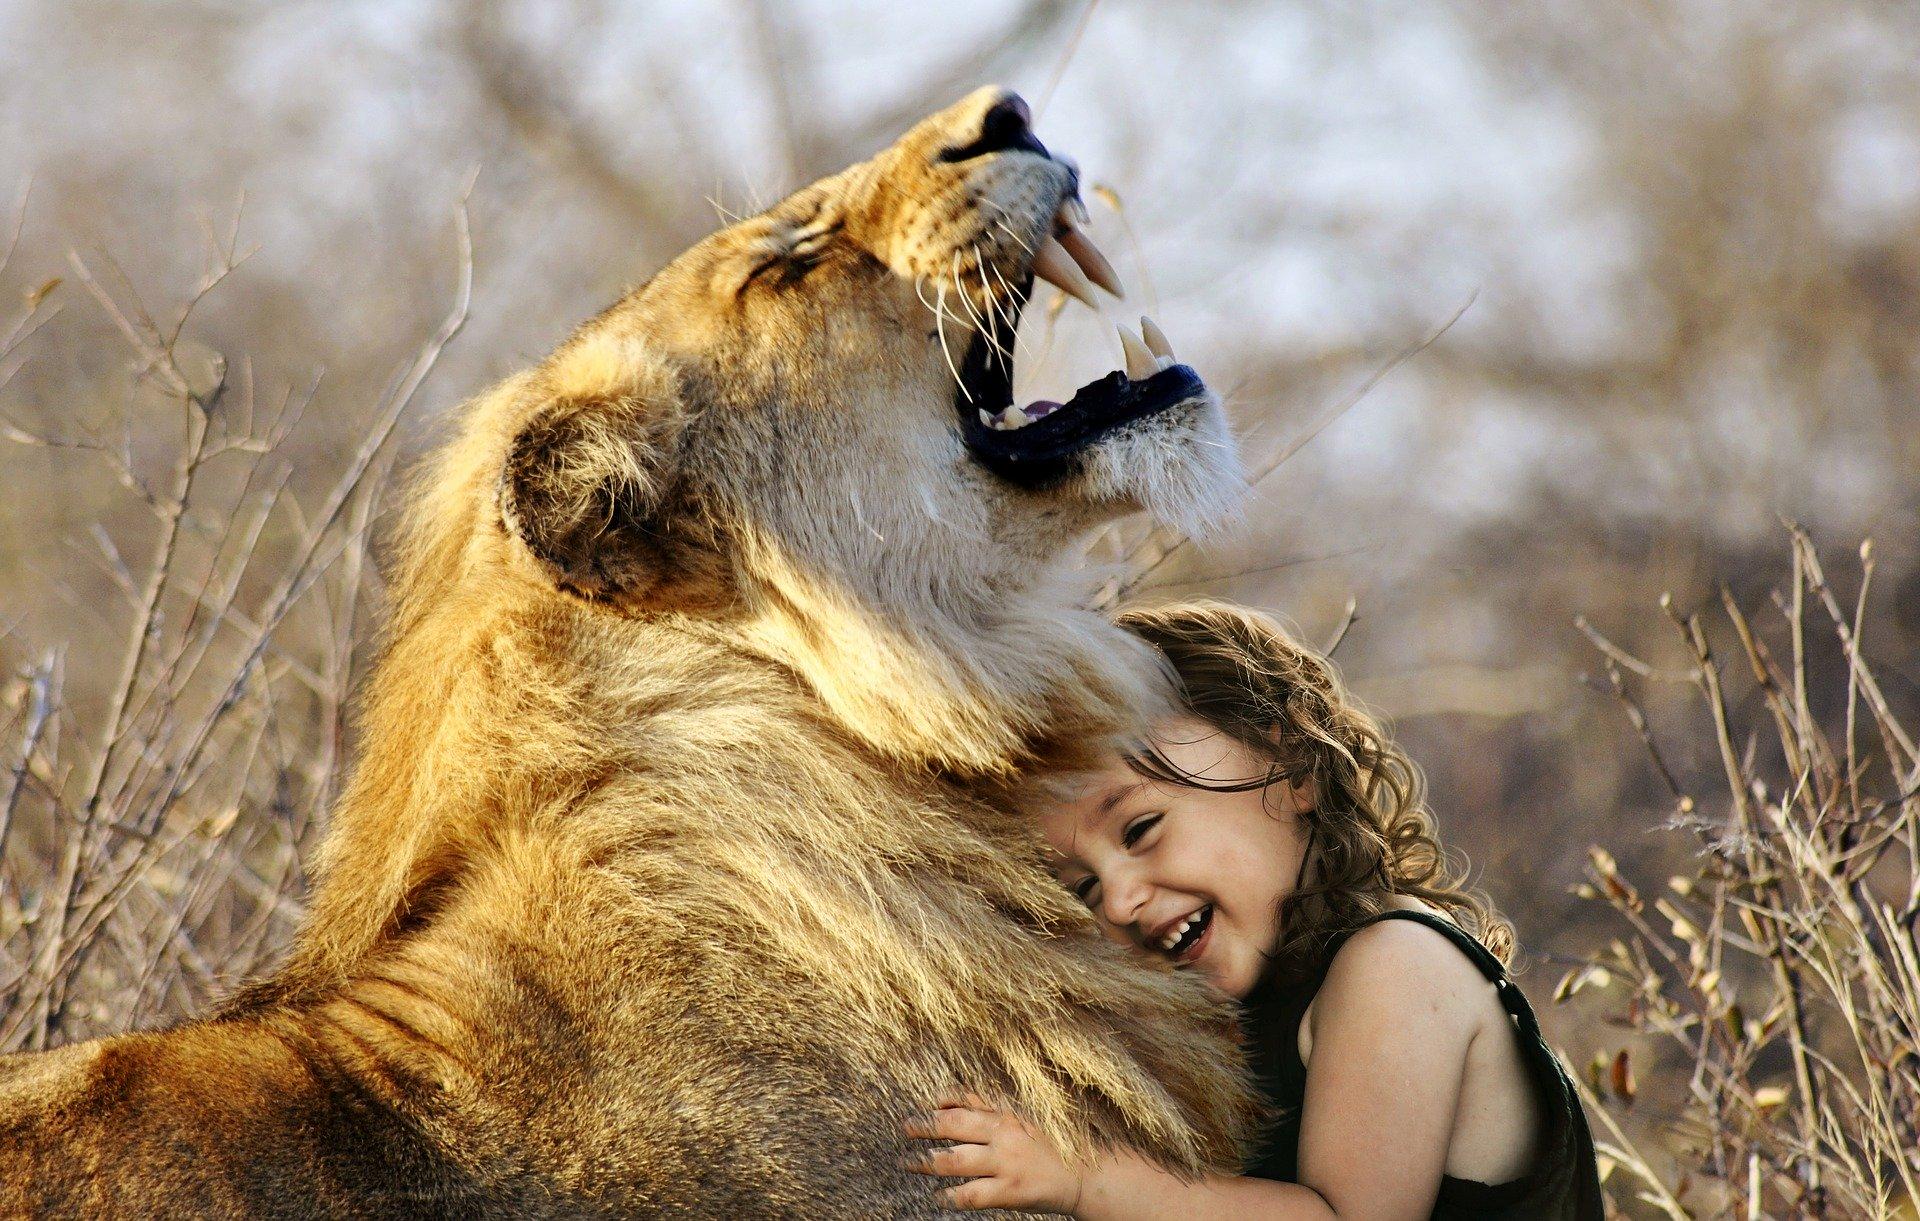 Löwe - König der Sternzeichen